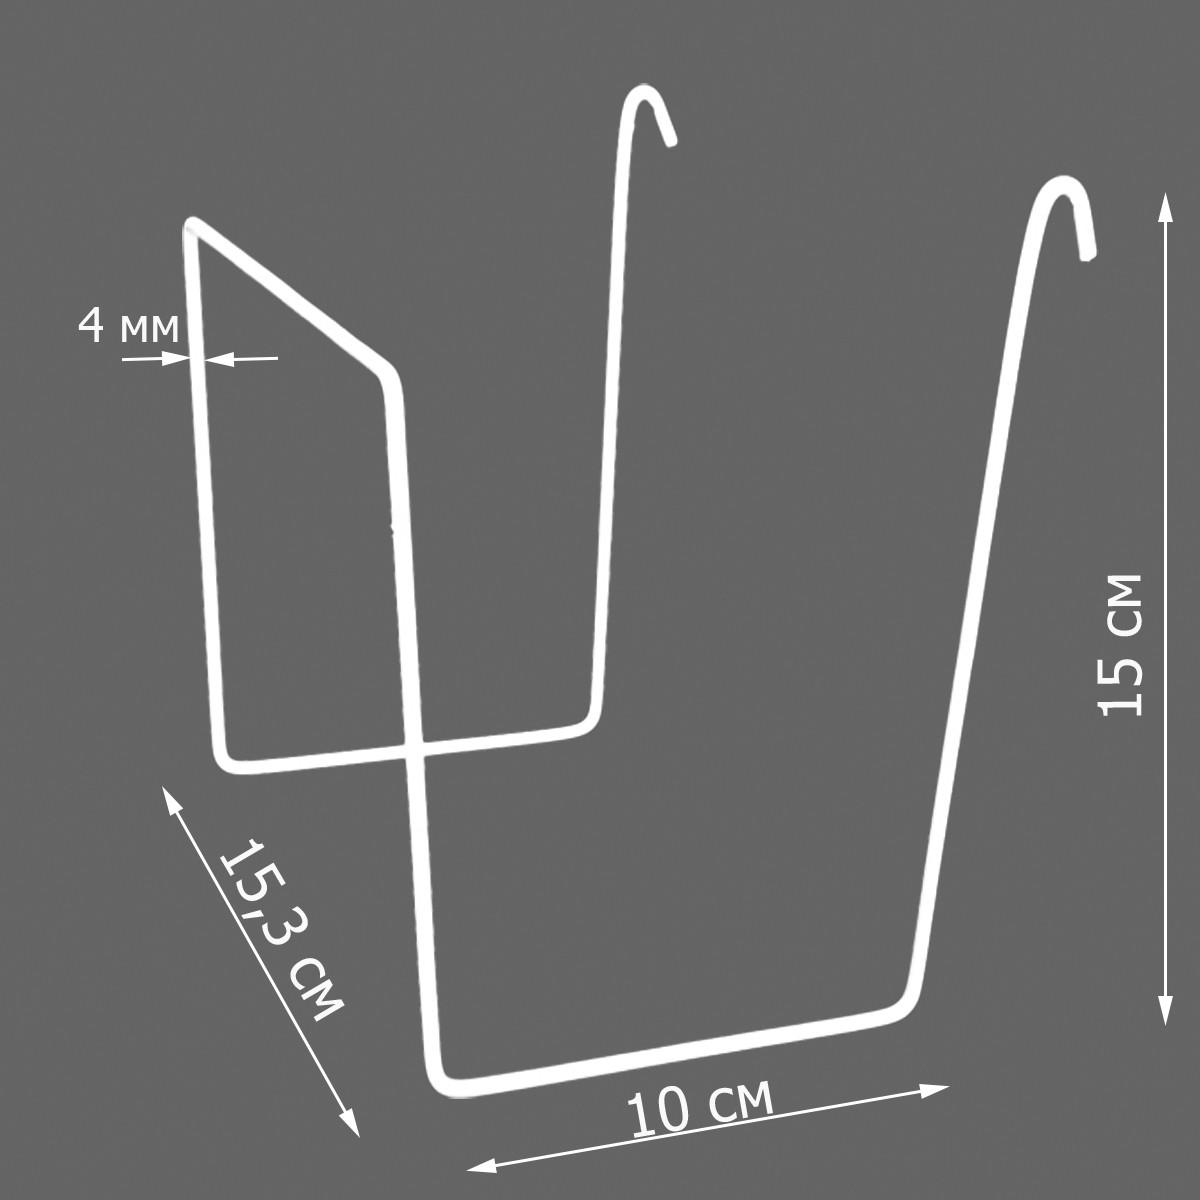 Карман (крючок) на сетку широкий Ø 4